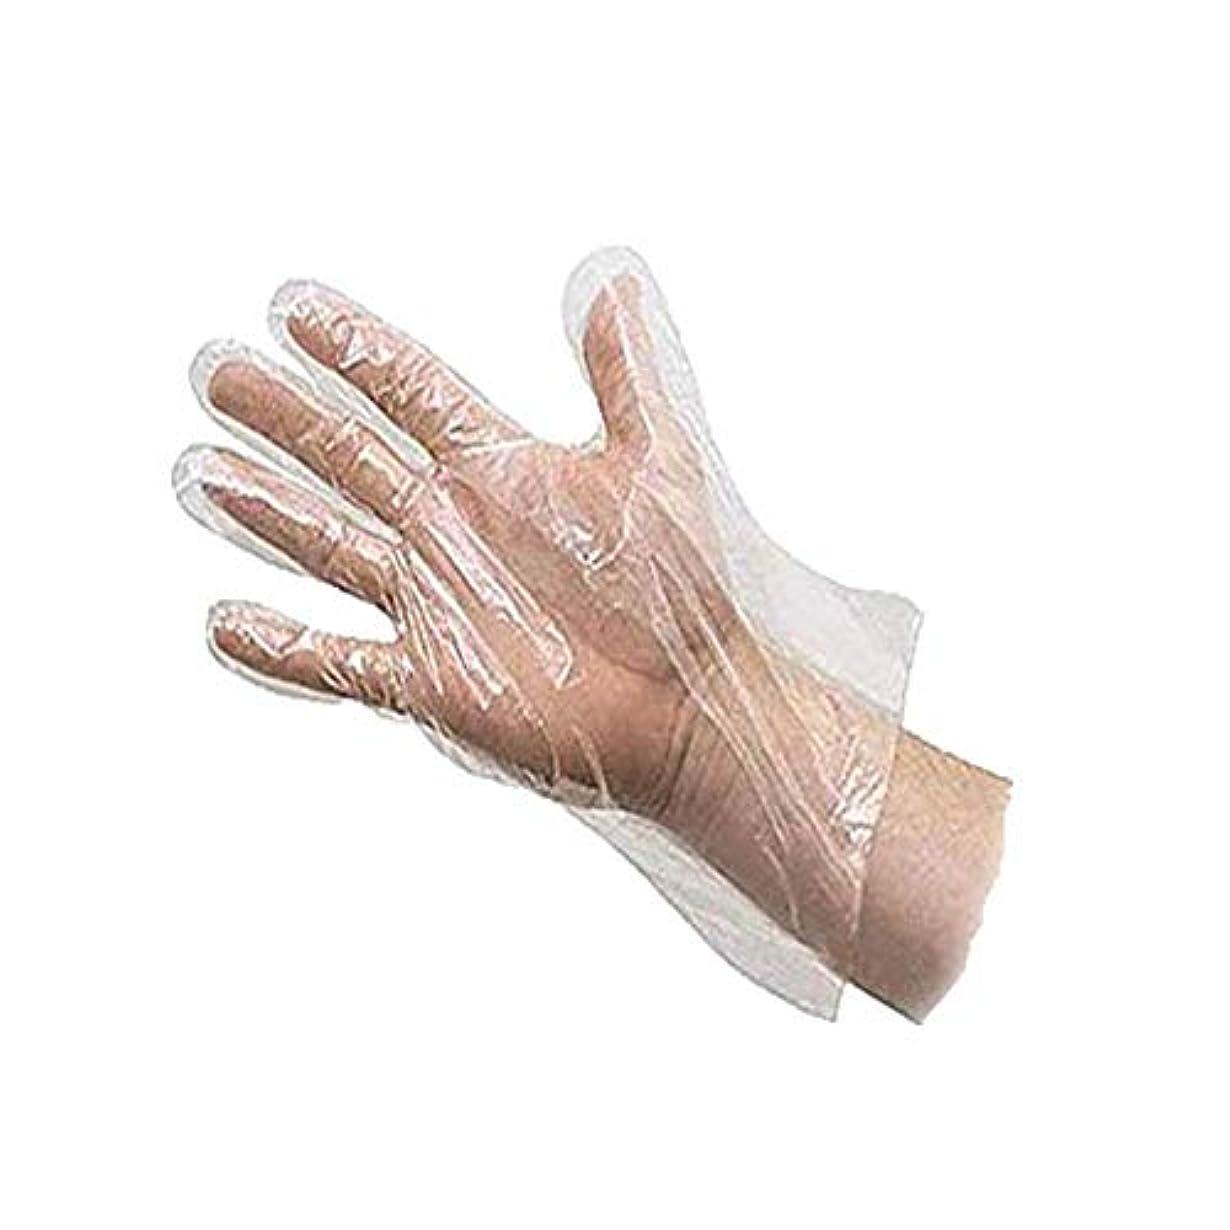 ブラシマウスピーススカーフUCCU プレミアム 使い捨て手袋 調理用 食品 プラスチック ホワイト 粉なし 食品衛生 透明 左右兼用 薄型 ビニール極薄手袋 100枚入り 便利